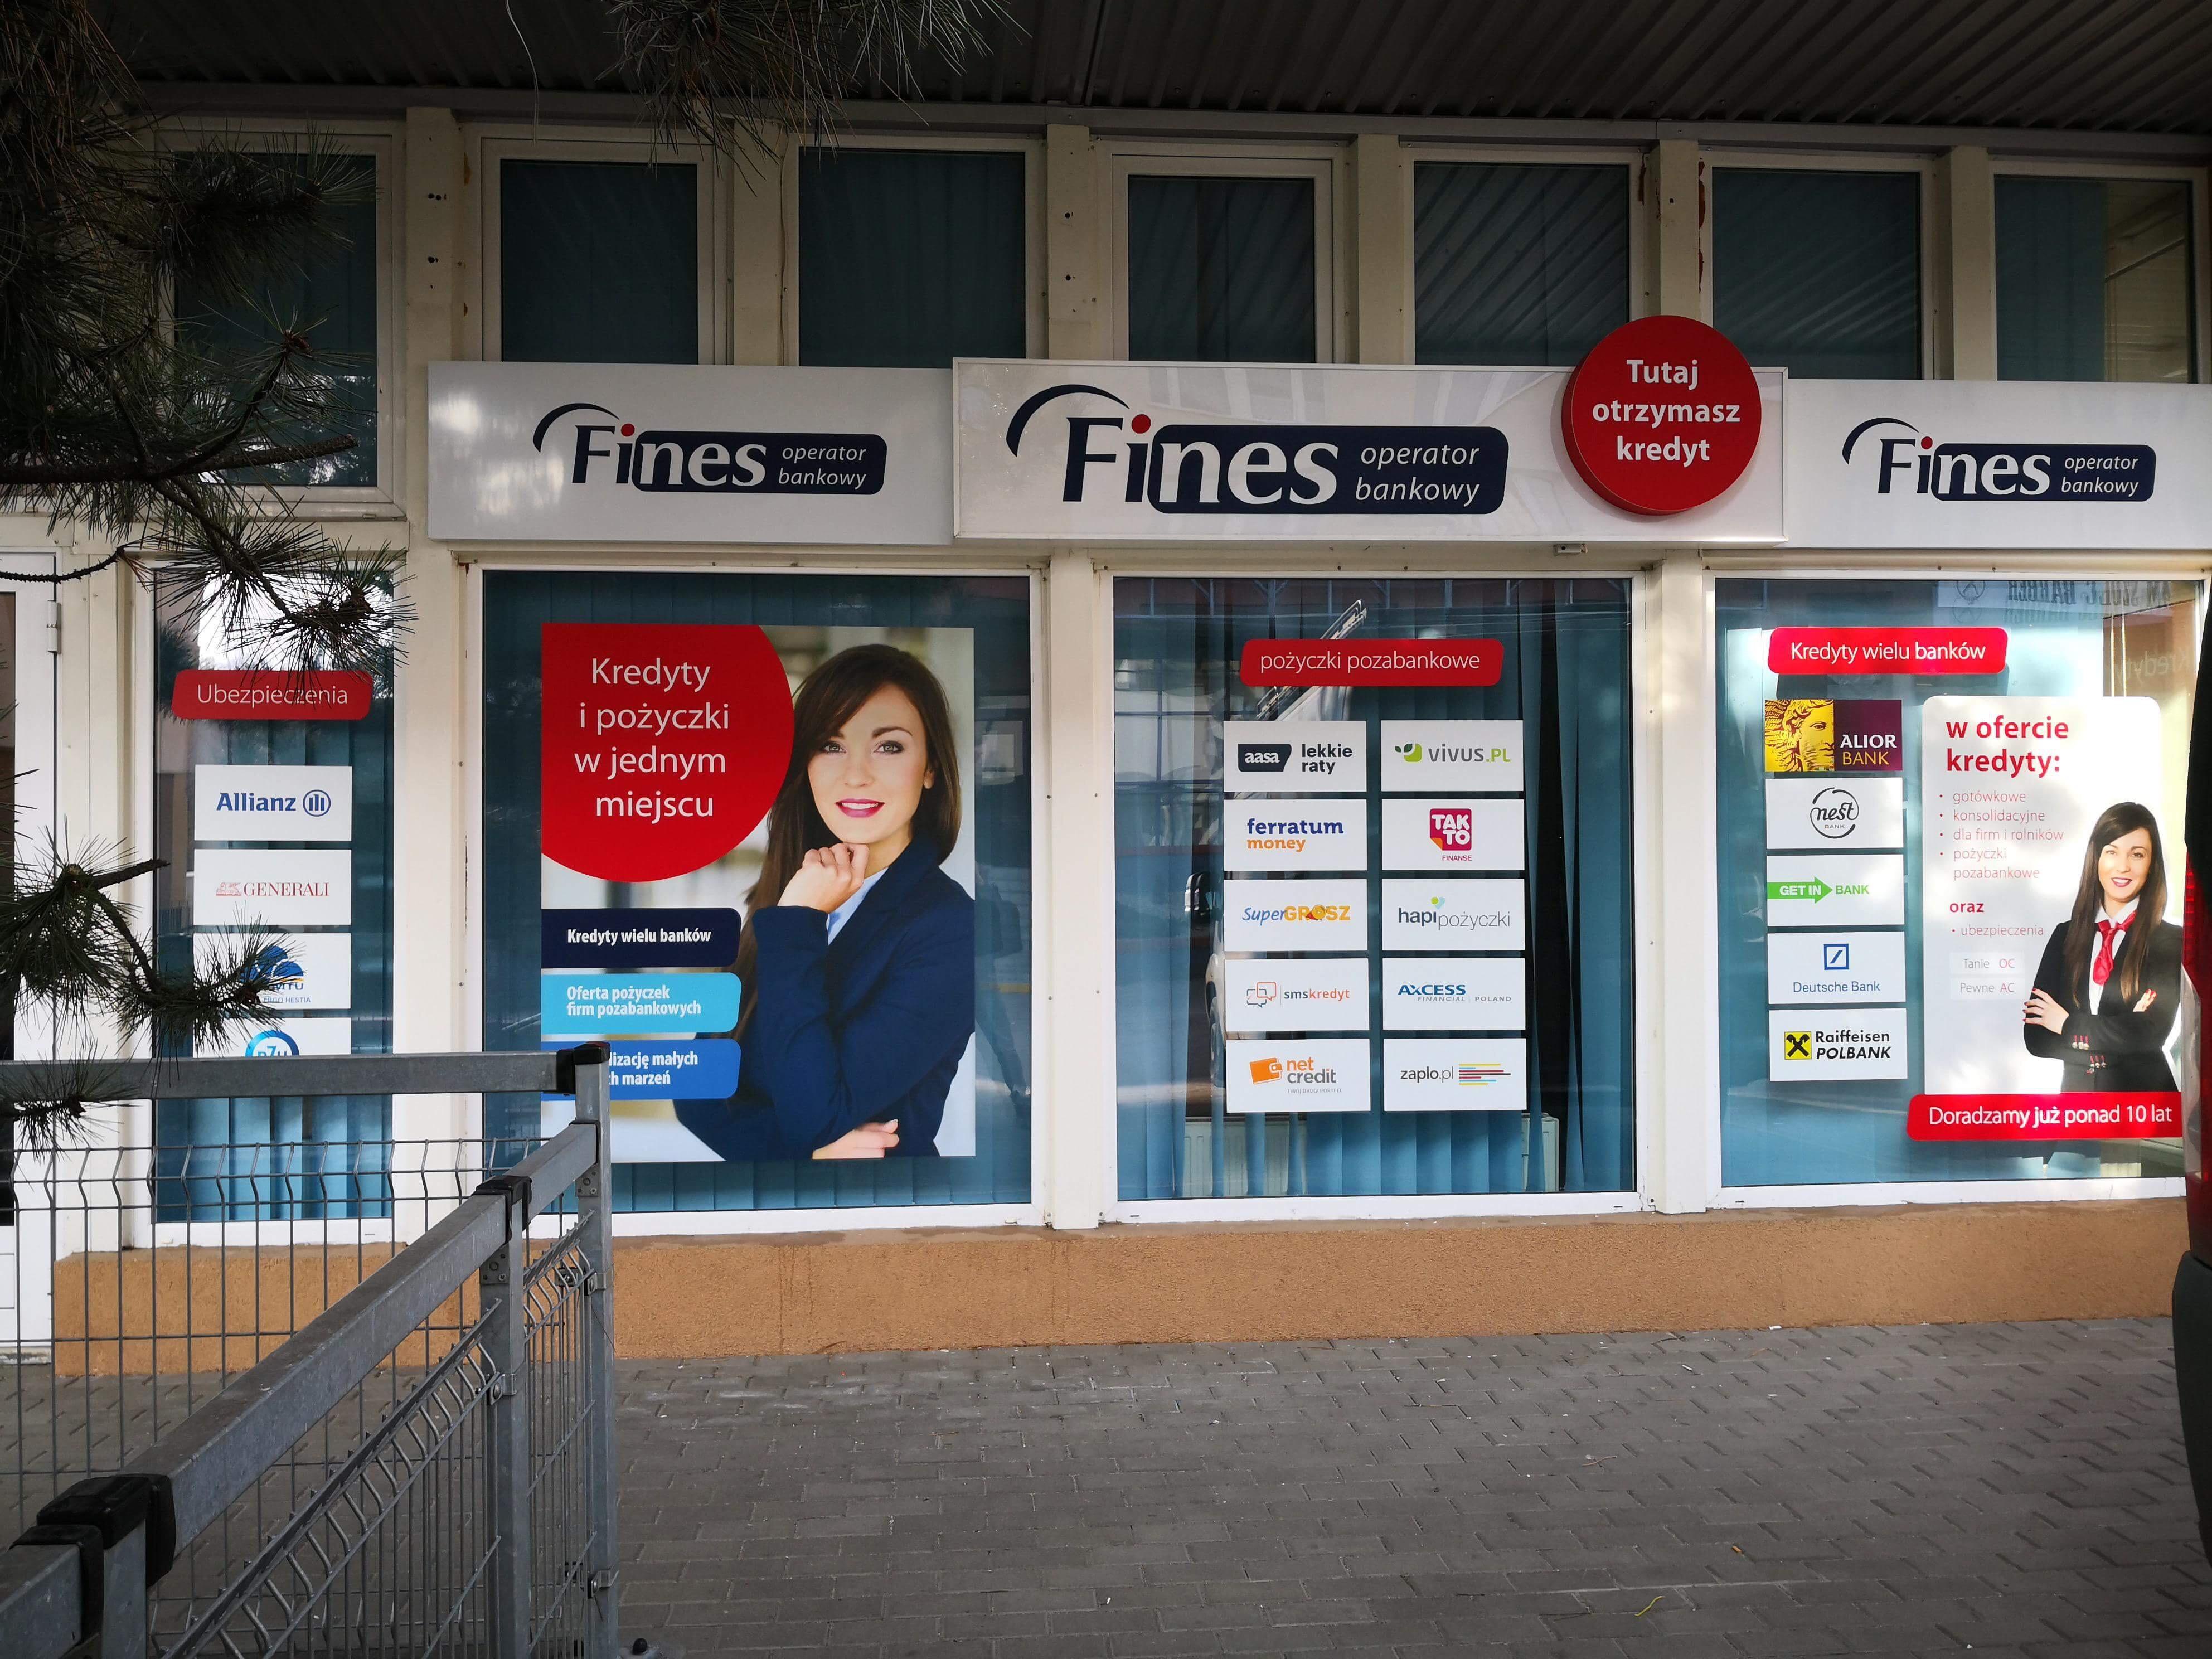 Fines Poznań 3